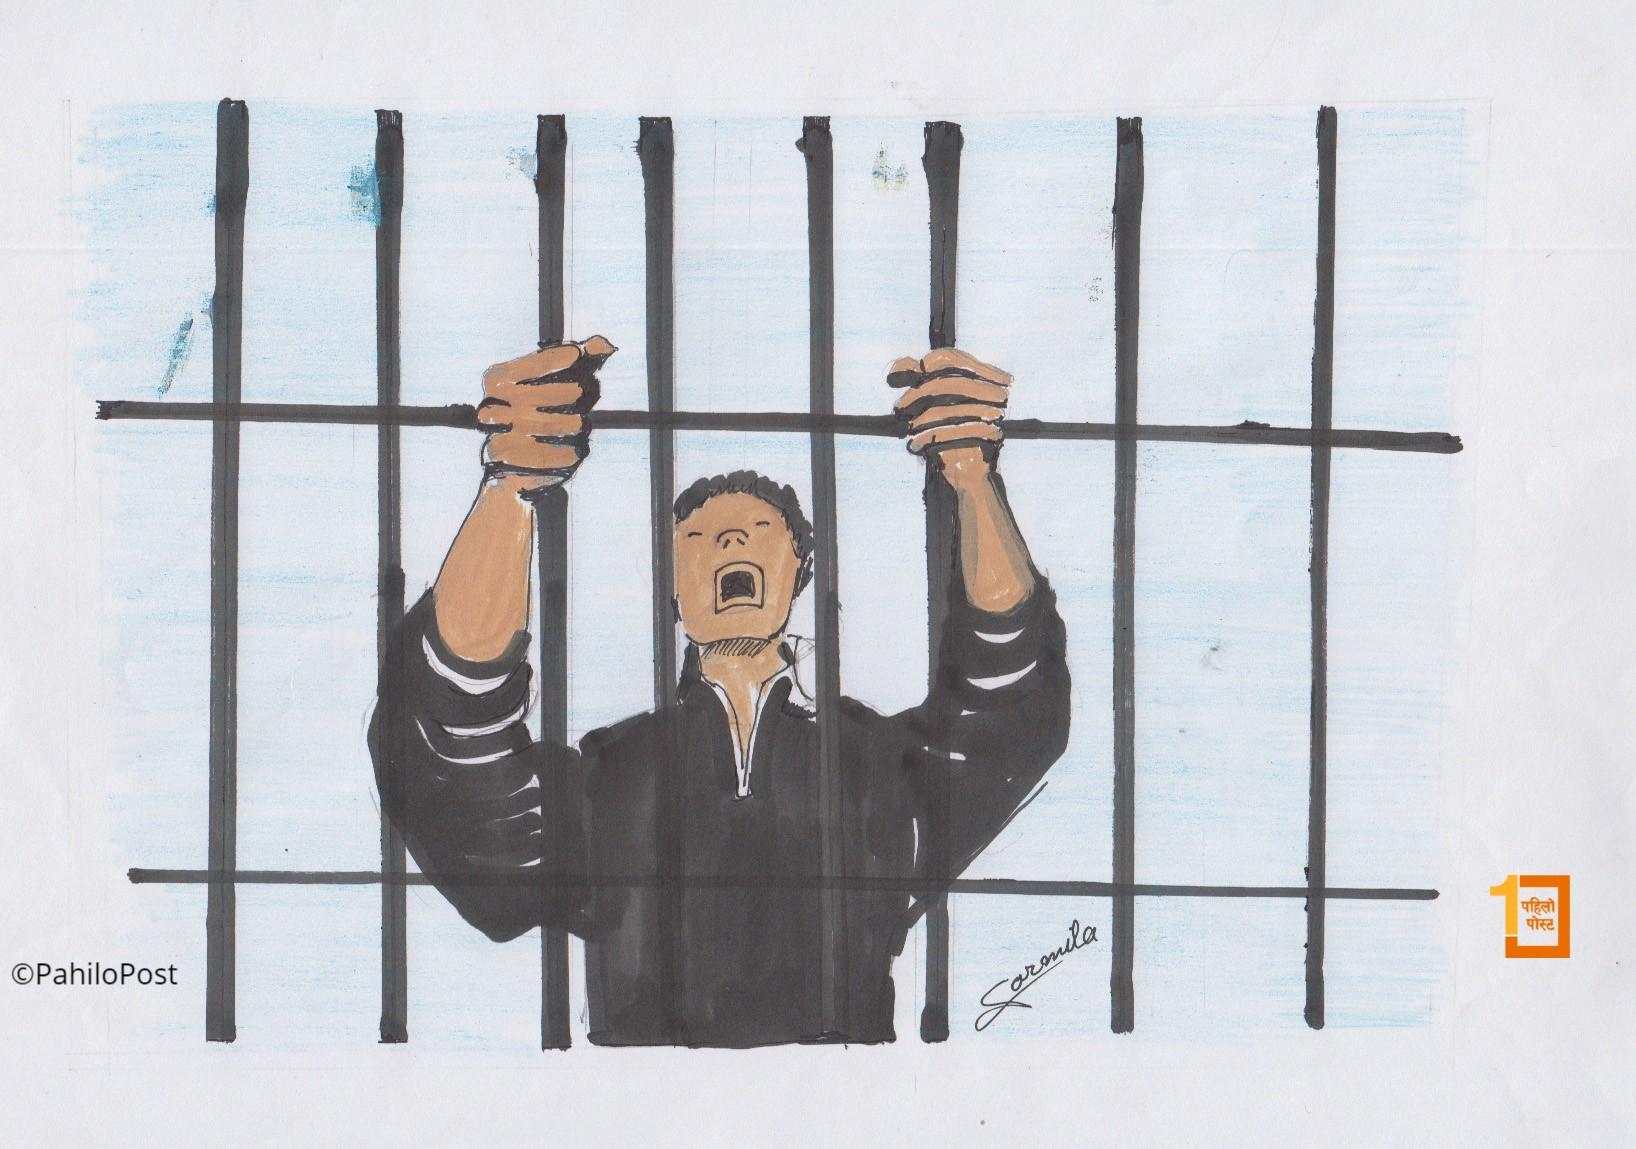 रक्सी र झैझगडाका कारण ११६ नेपाली युएईको जेलमा